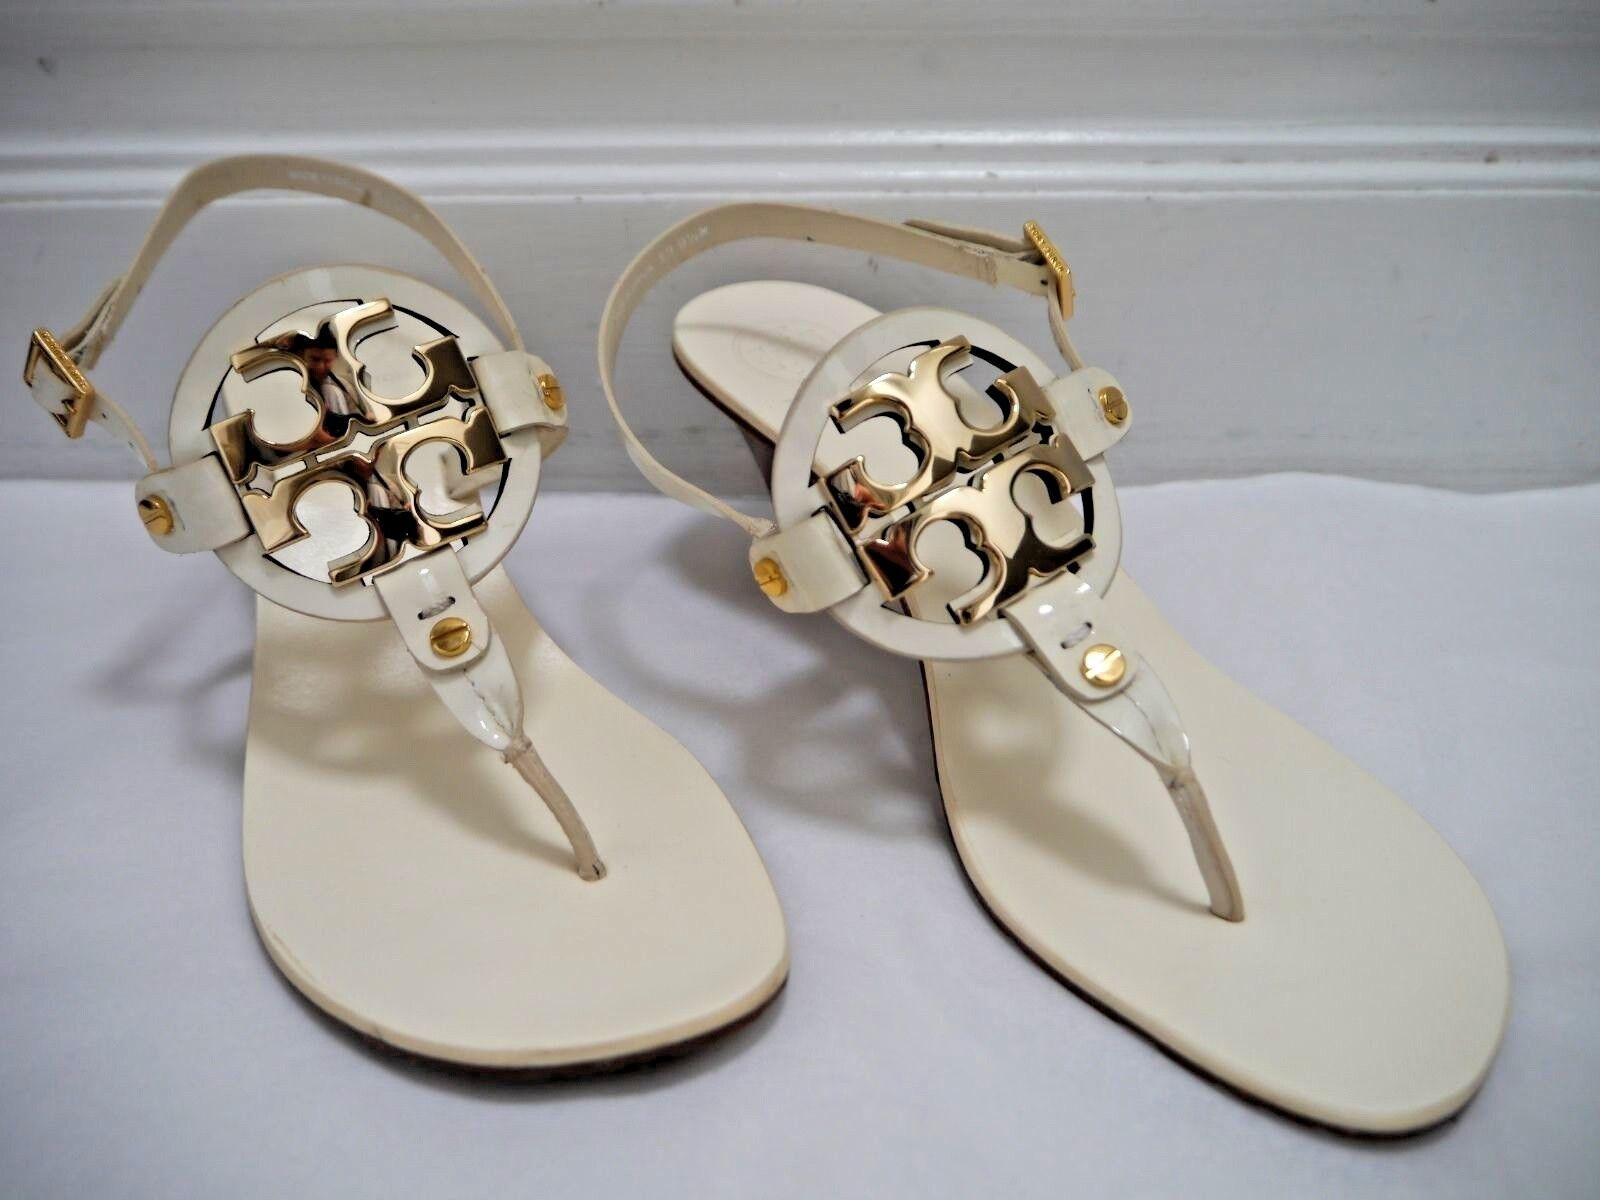 TORY BURCH  275  brevetto avorio Holly 2 logo oro medio sandali a tallone 9.5 WORN ONCE  vendita di offerte